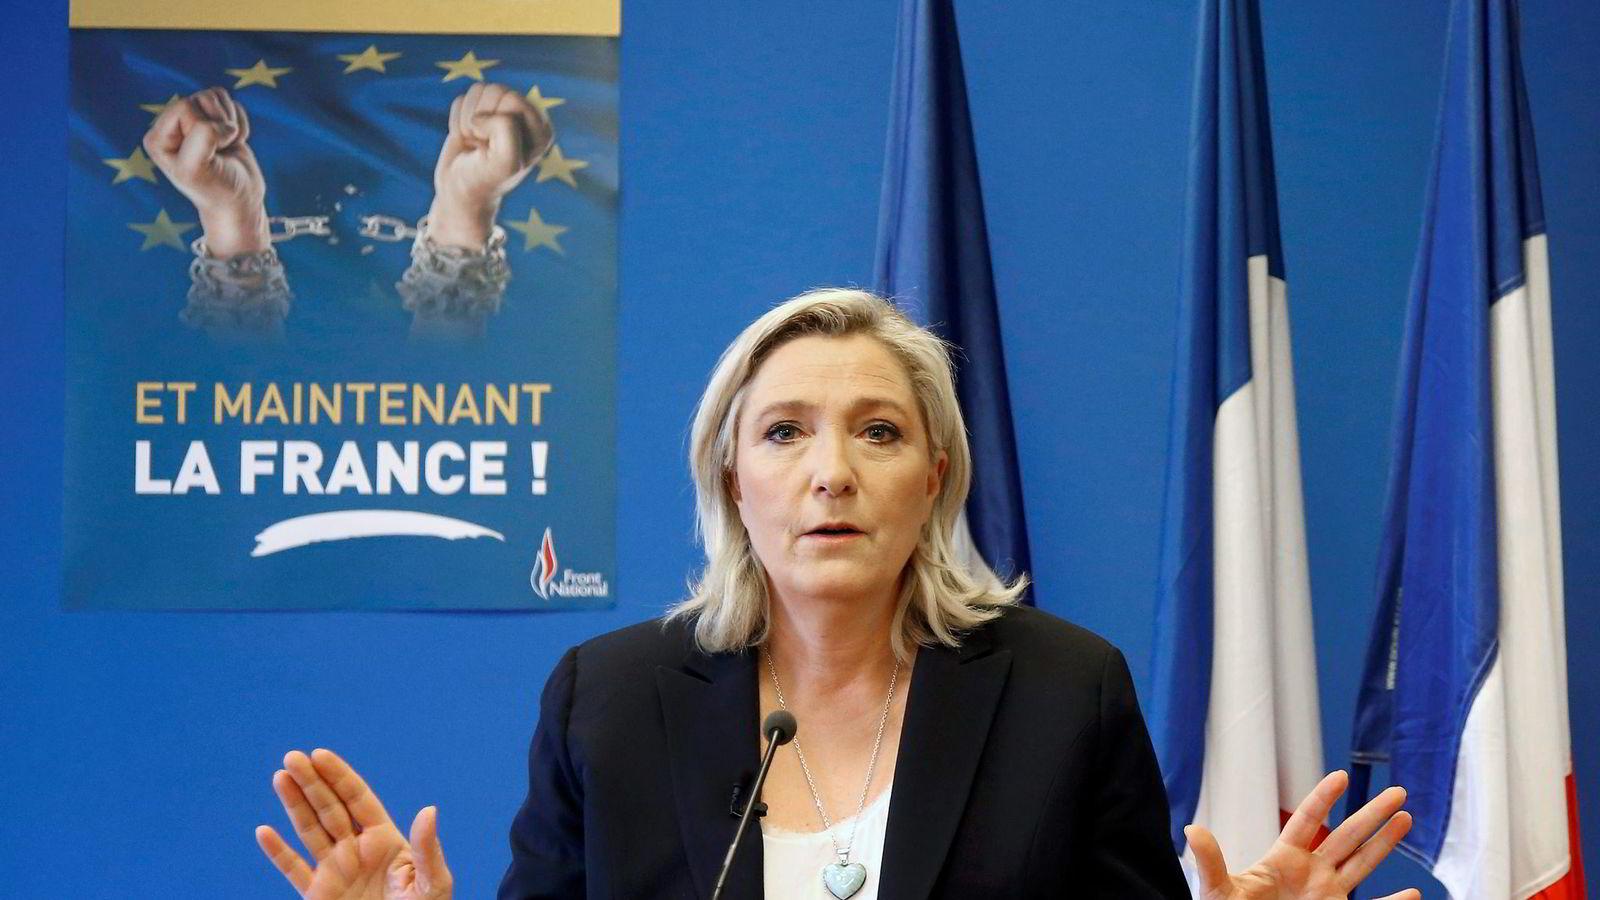 I Frankrike har Marine le Pen lovet folkeavstemning om EU-medlemskap for å stoppe innvandringen, om hun vinner presidentvalget.                Foto: Jacky Naegelen/Reuters/NTB Scanpix